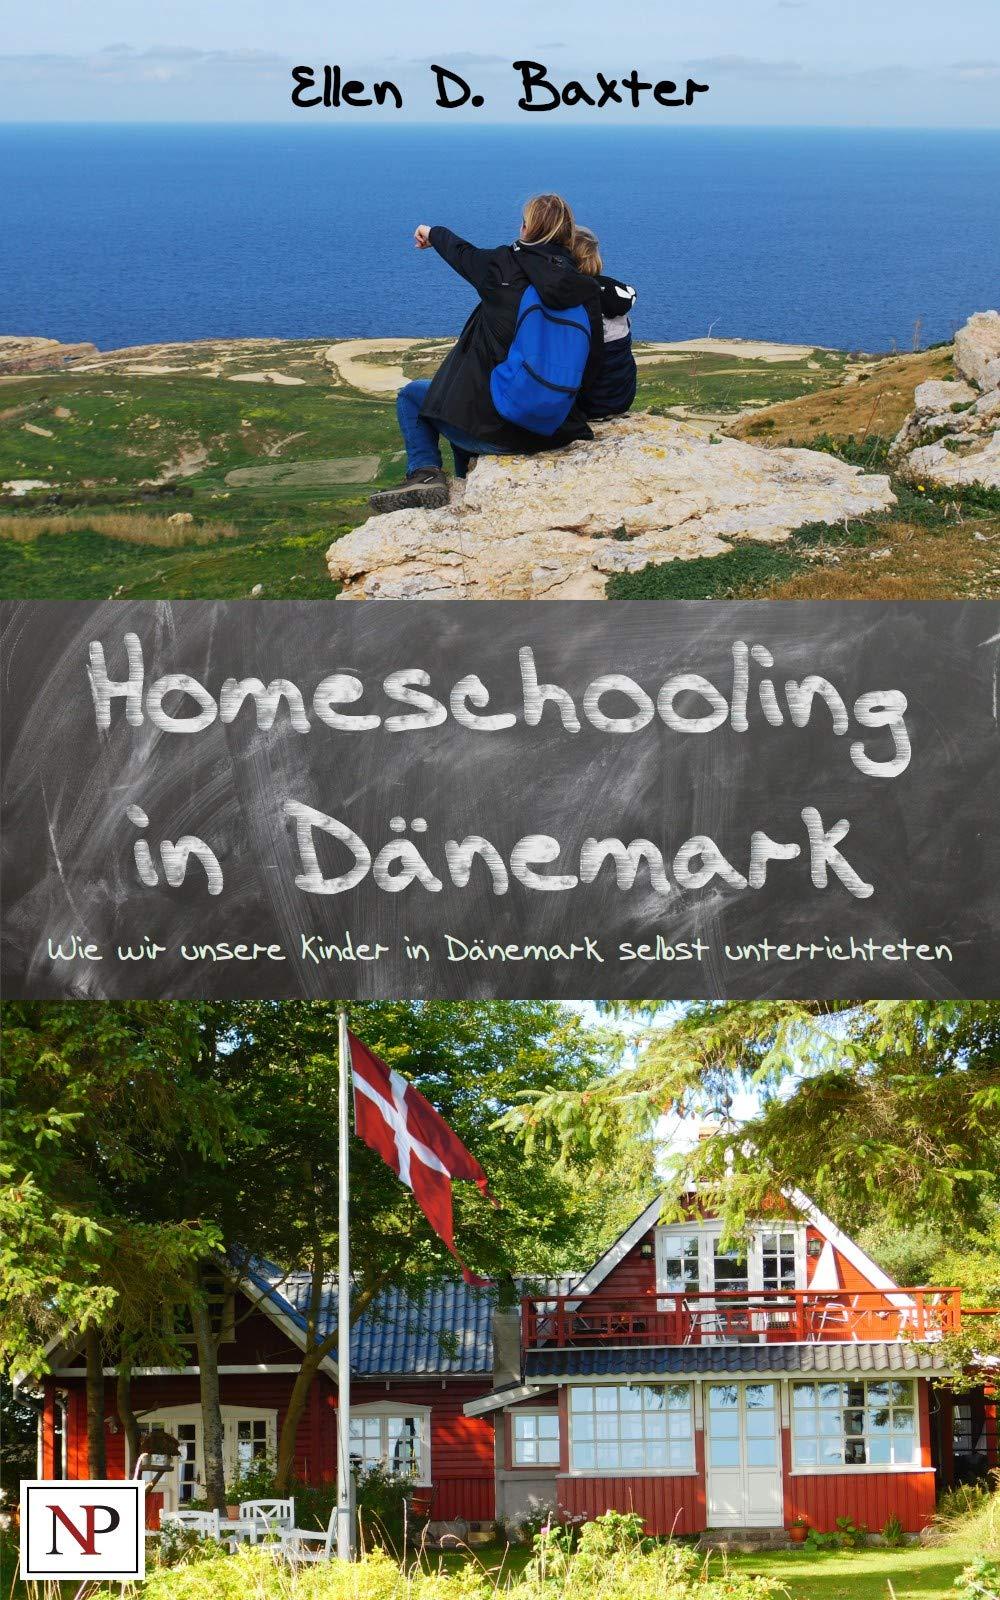 Homeschooling In Dänemark  Wie Wir Unsere Kinder In Dänemark Selbst Unterrichten